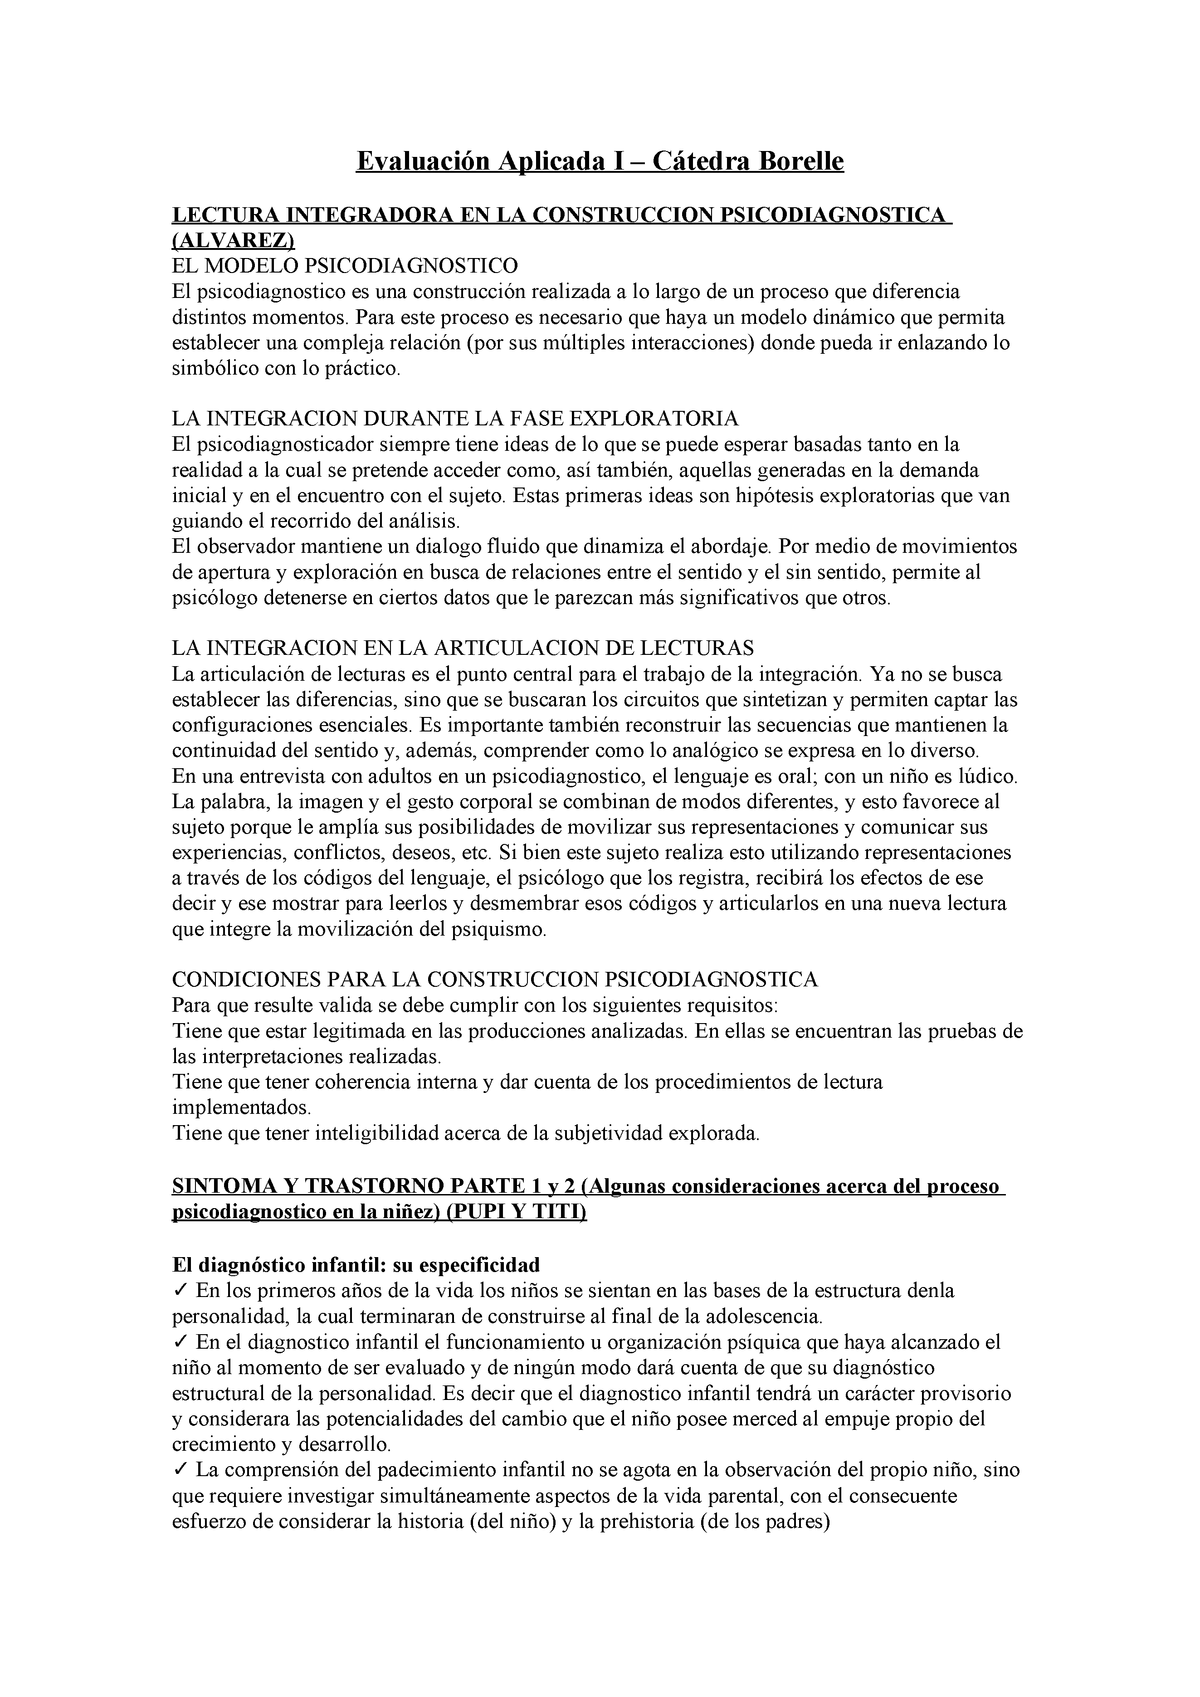 1837e96c02fd Evaluación Aplicada I - Cátedra Borelle - StuDocu